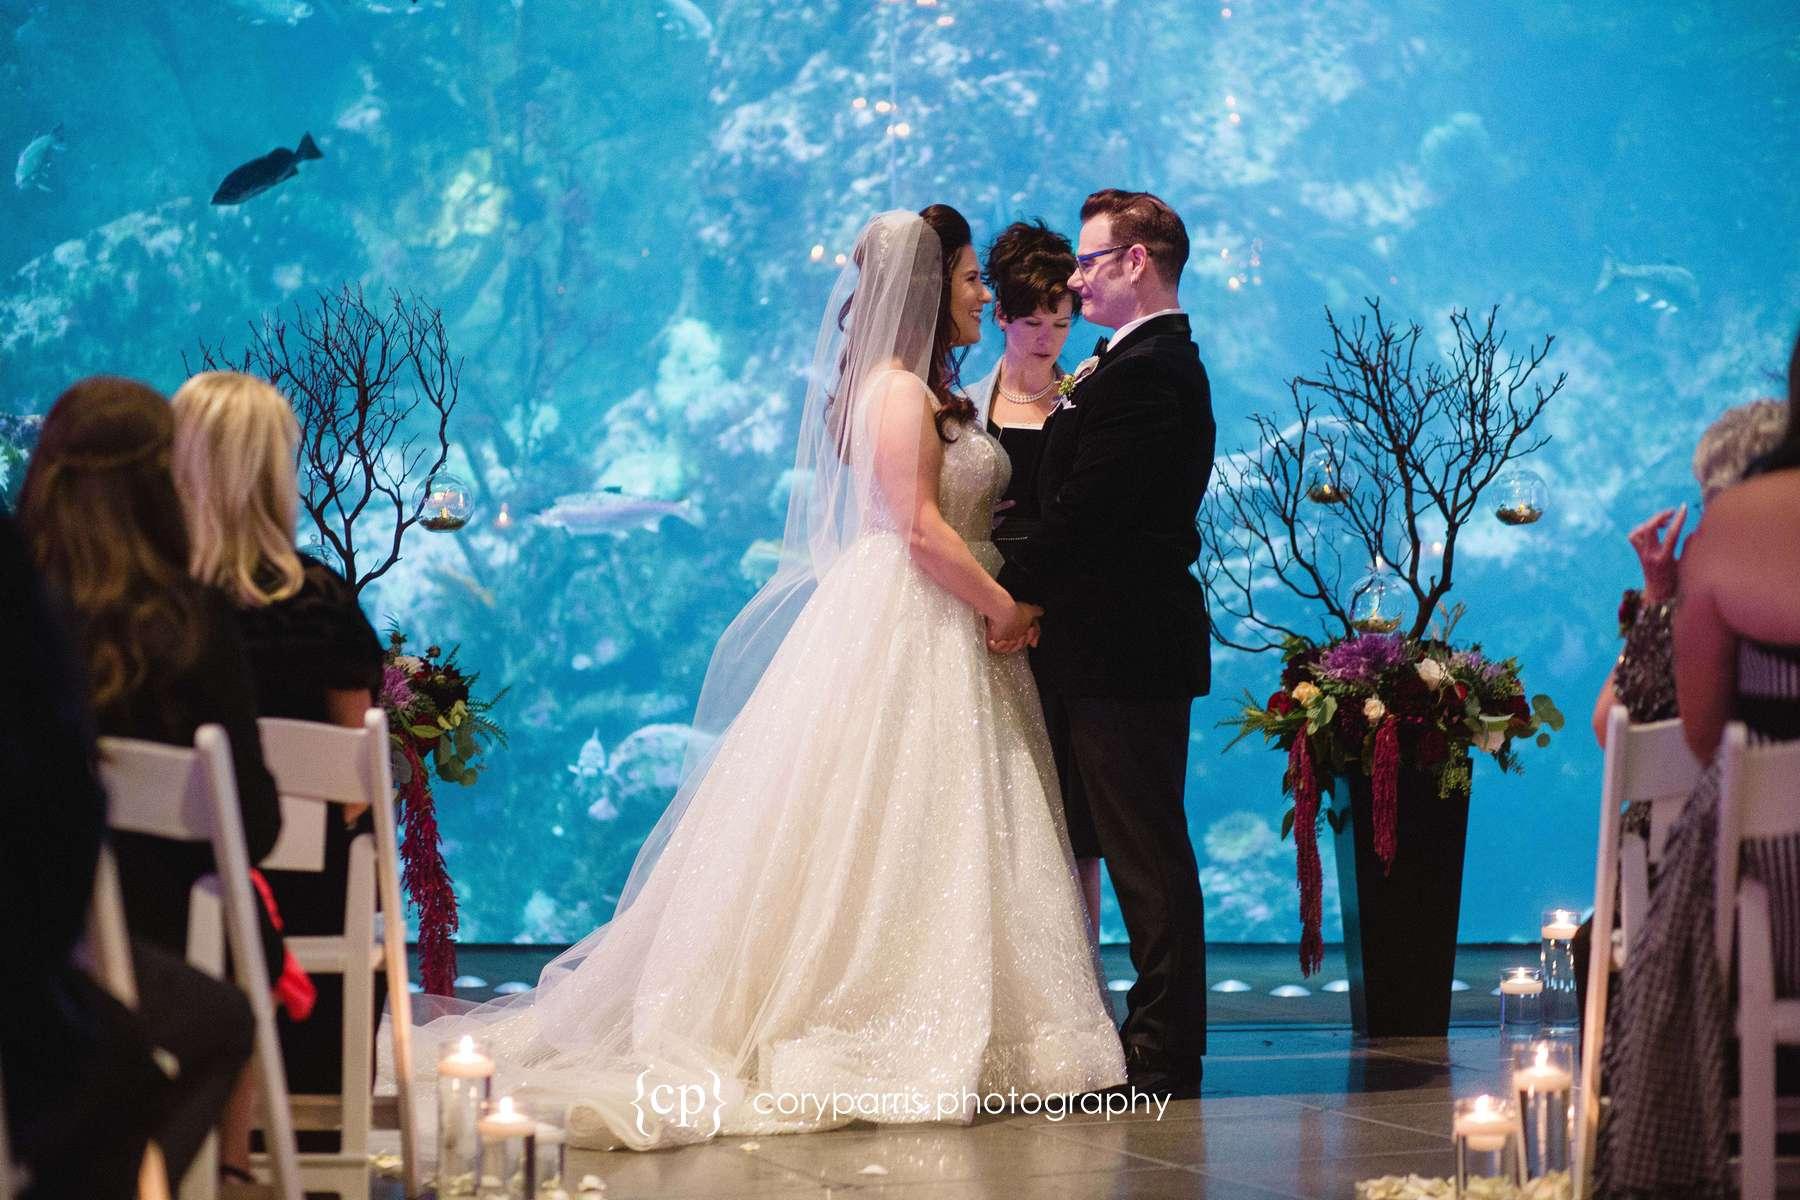 Wedding ceremony at the Seattle Aquarium